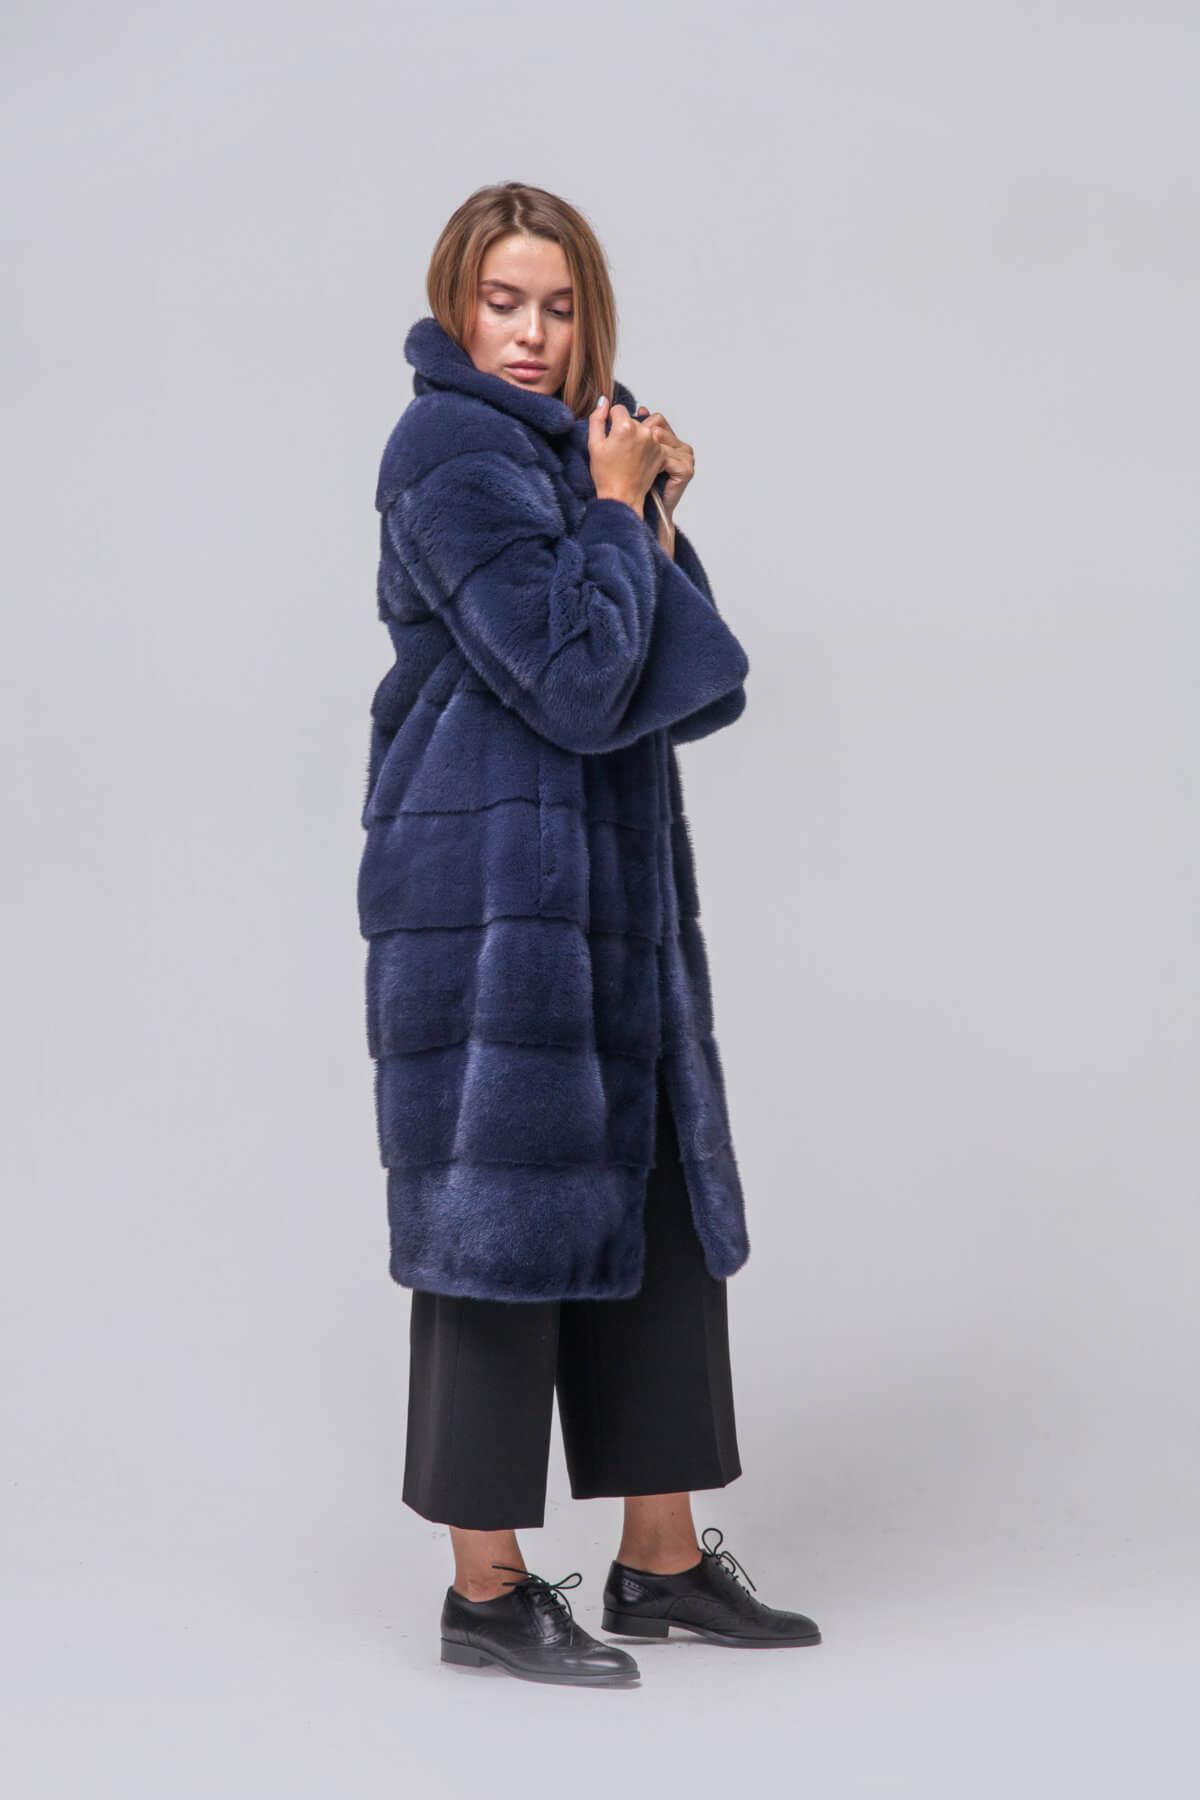 Пальто из европейской норки KOPENHAGEN FUR. Фото 4